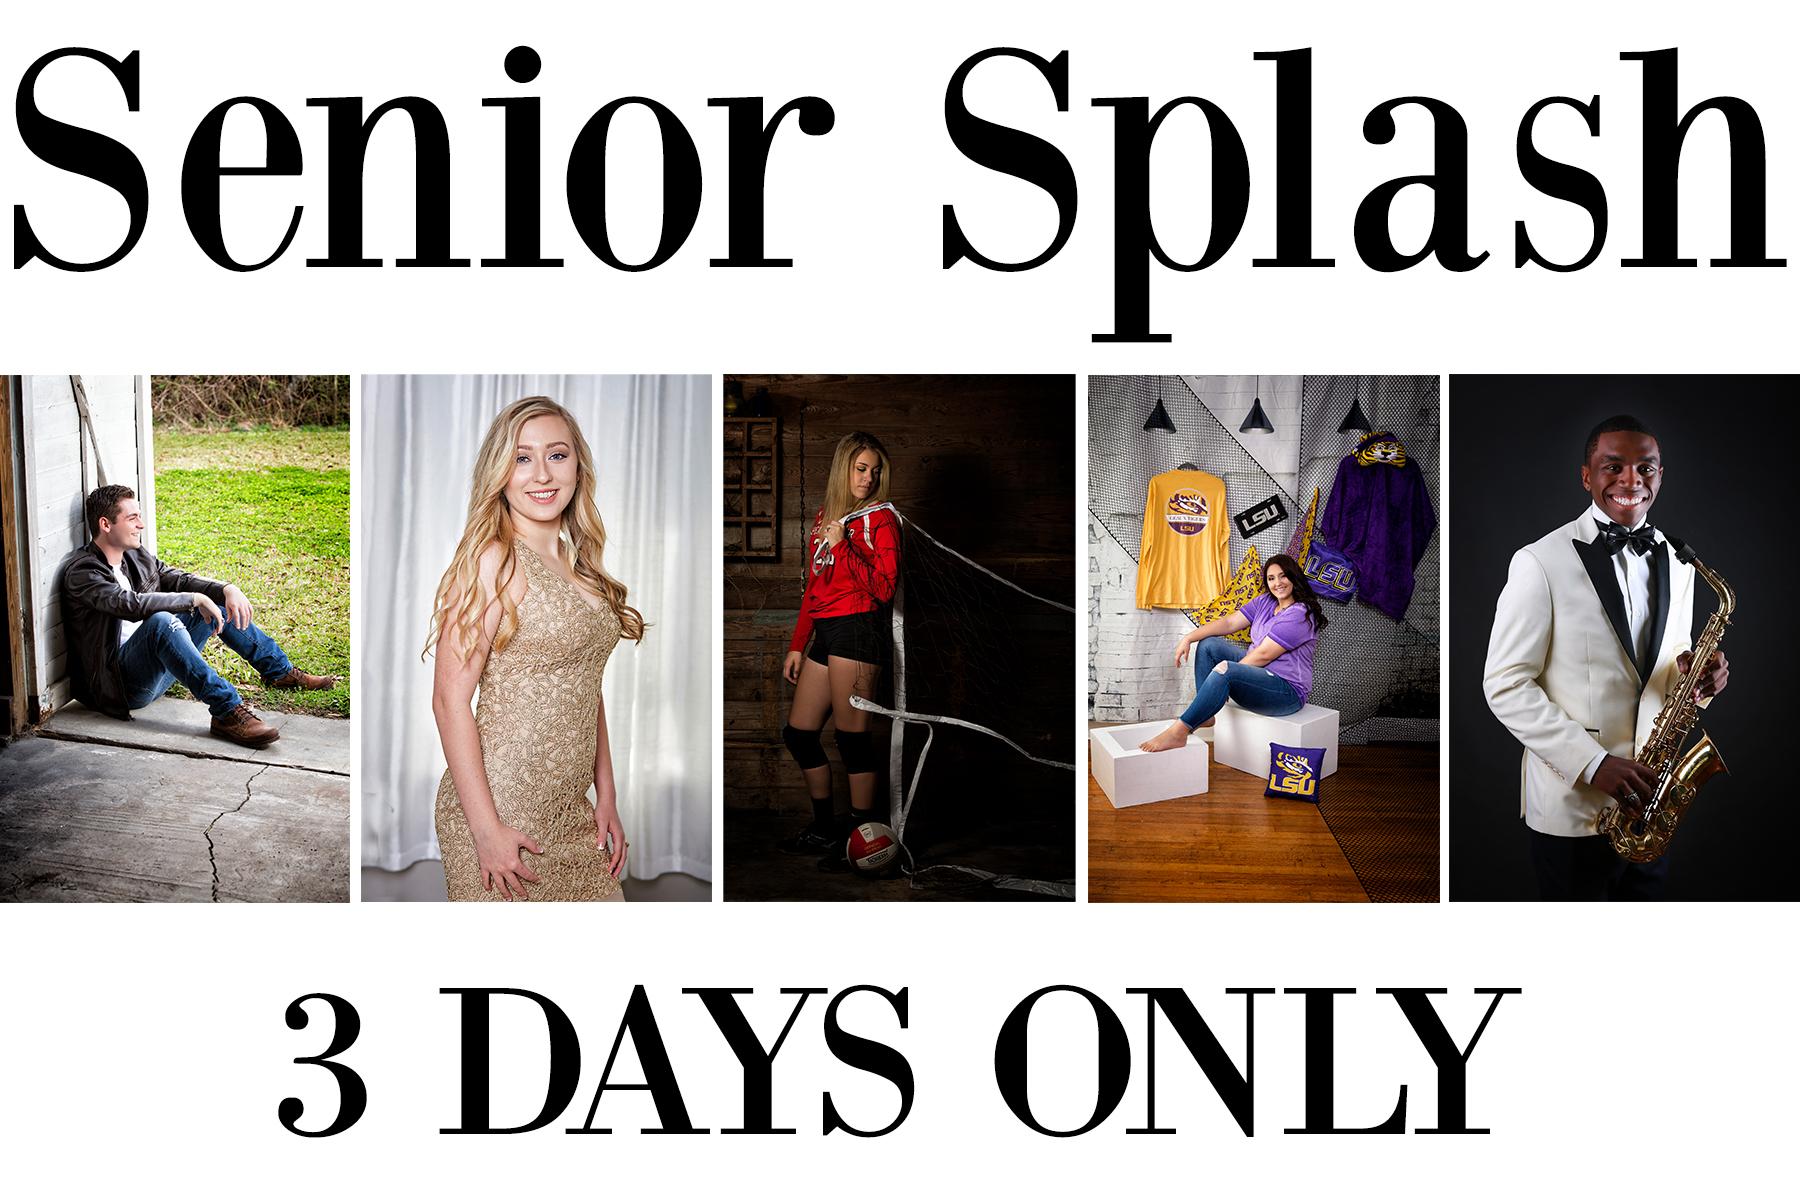 Senior Splash 3 Days Only.jpg